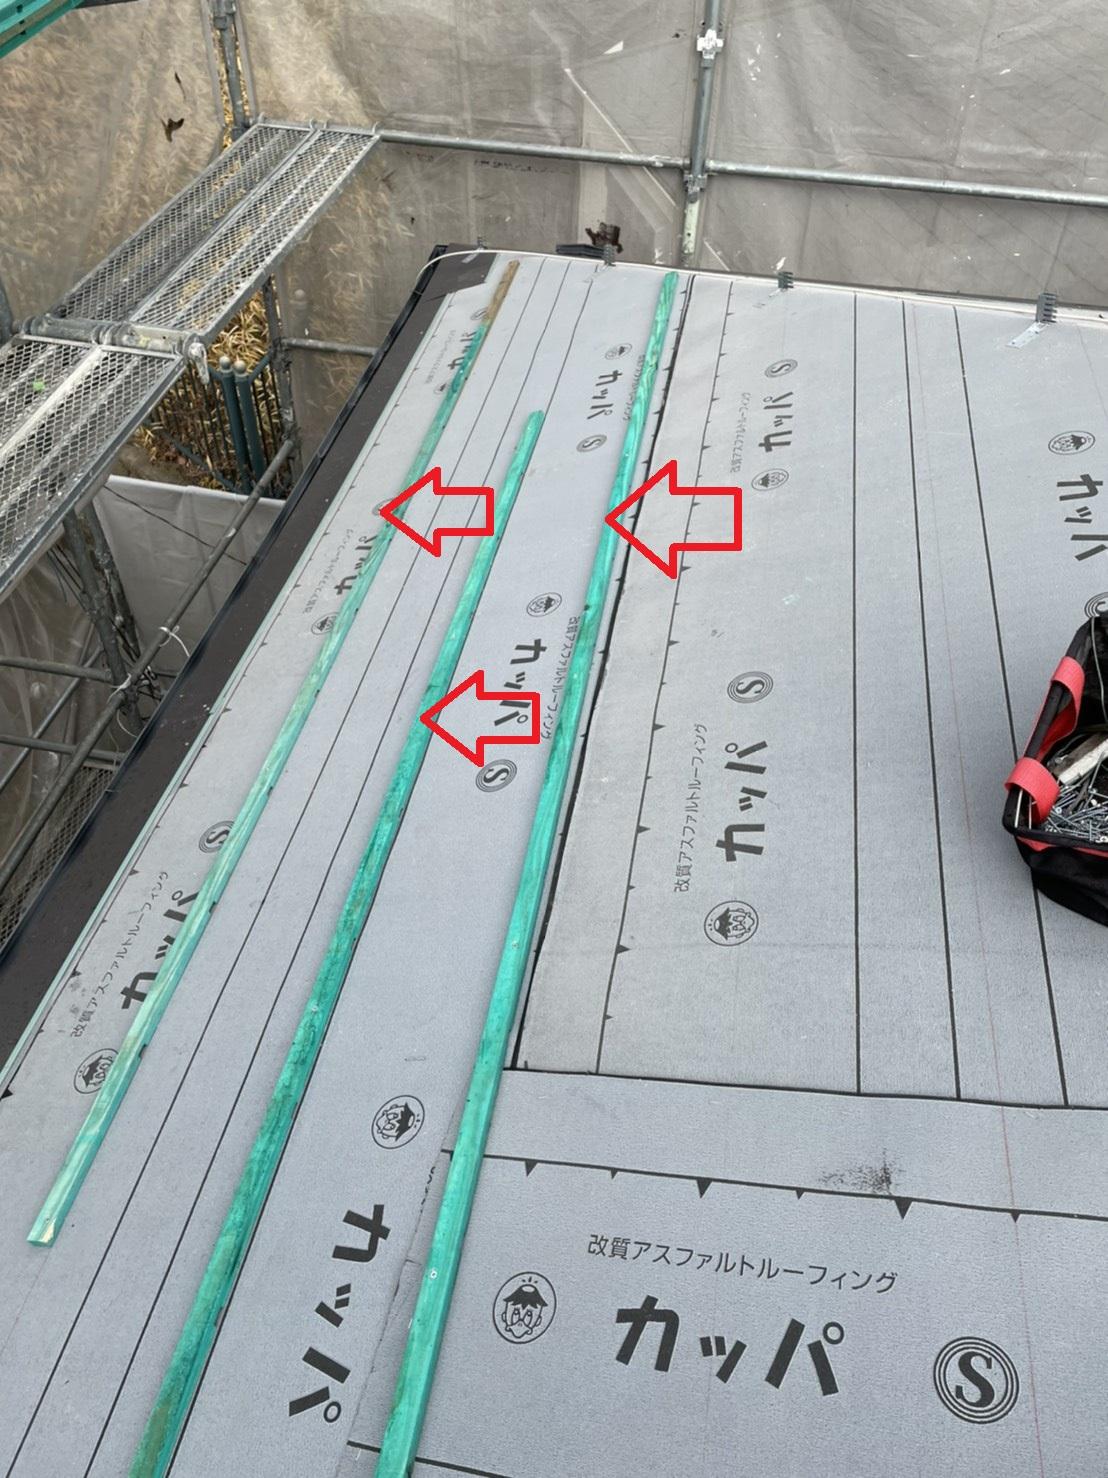 加古郡稲美町での屋根工事で瓦桟を取り付けている様子